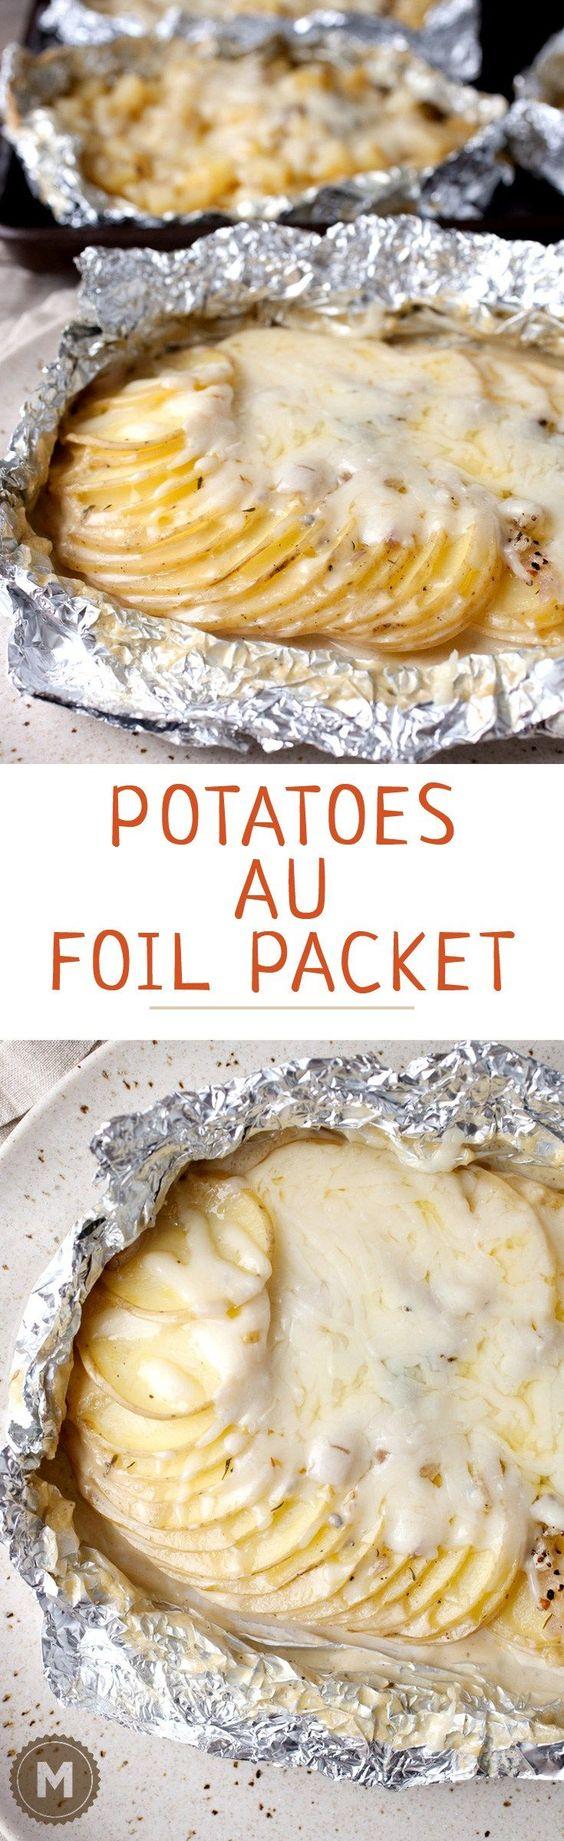 Potatoes Au Foil Packet